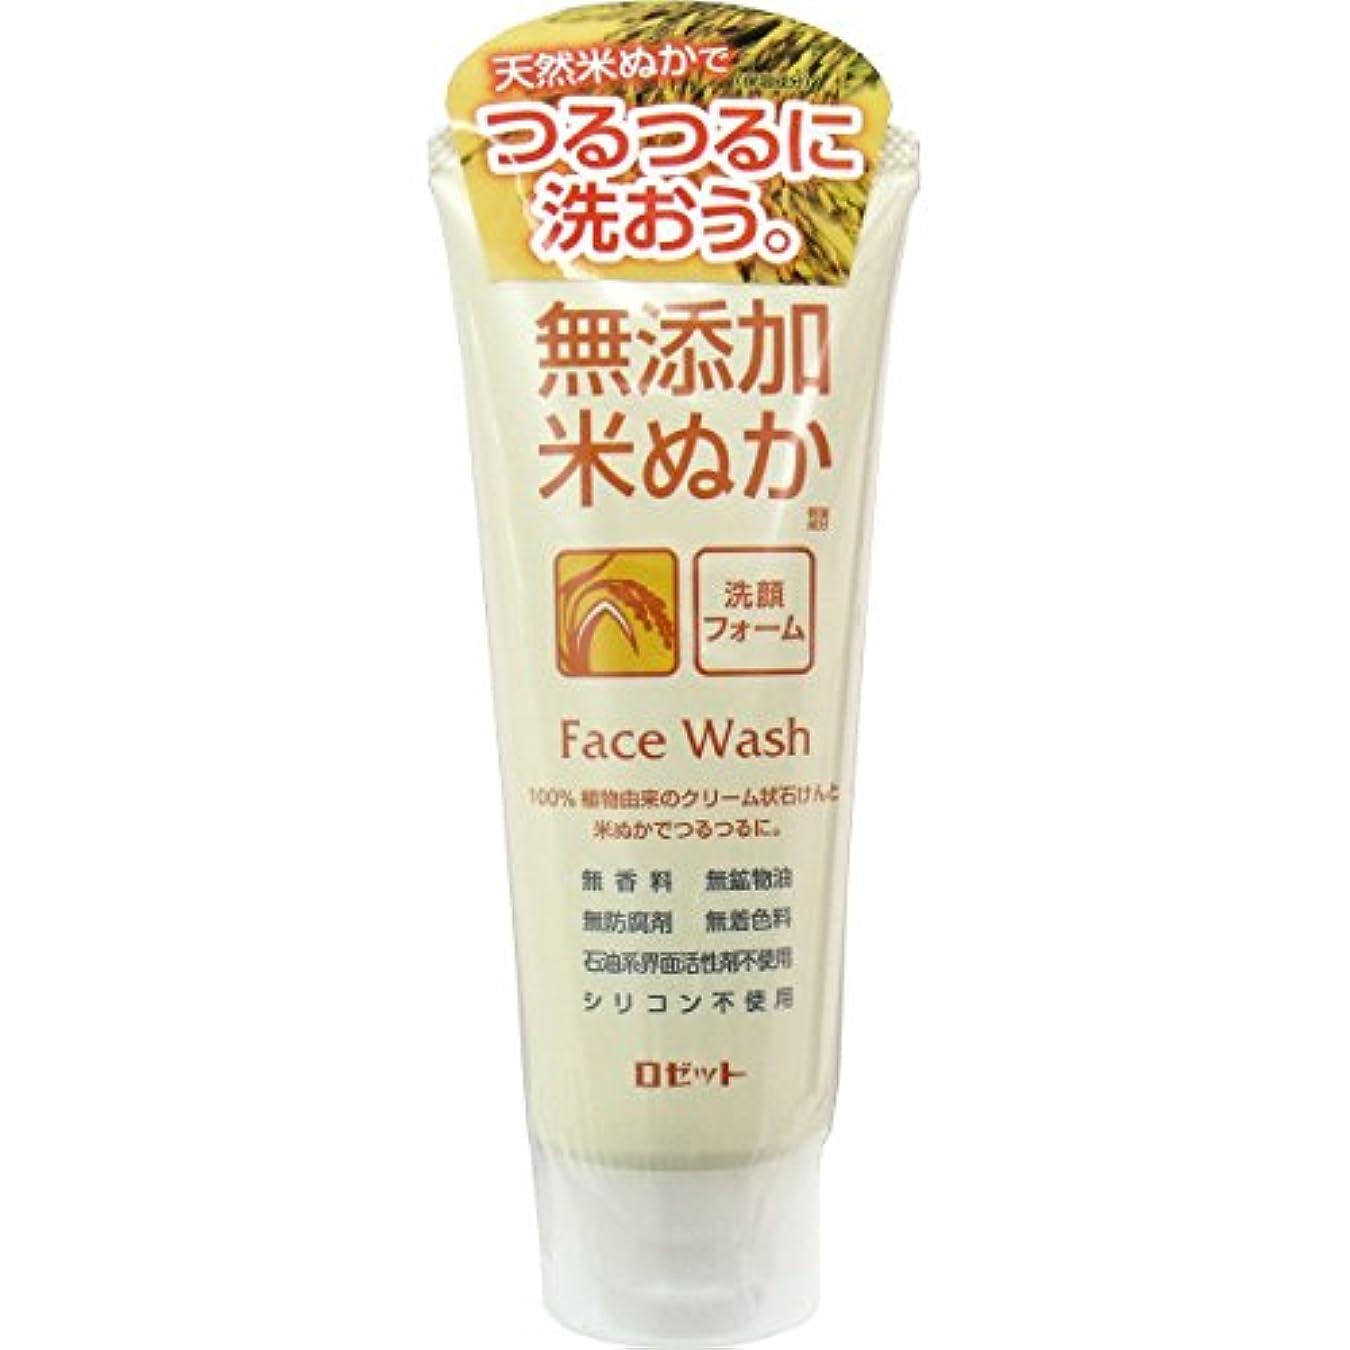 凝視歯奇跡的な【ロゼット】無添加米ぬか洗顔フォーム 140g ×20個セット